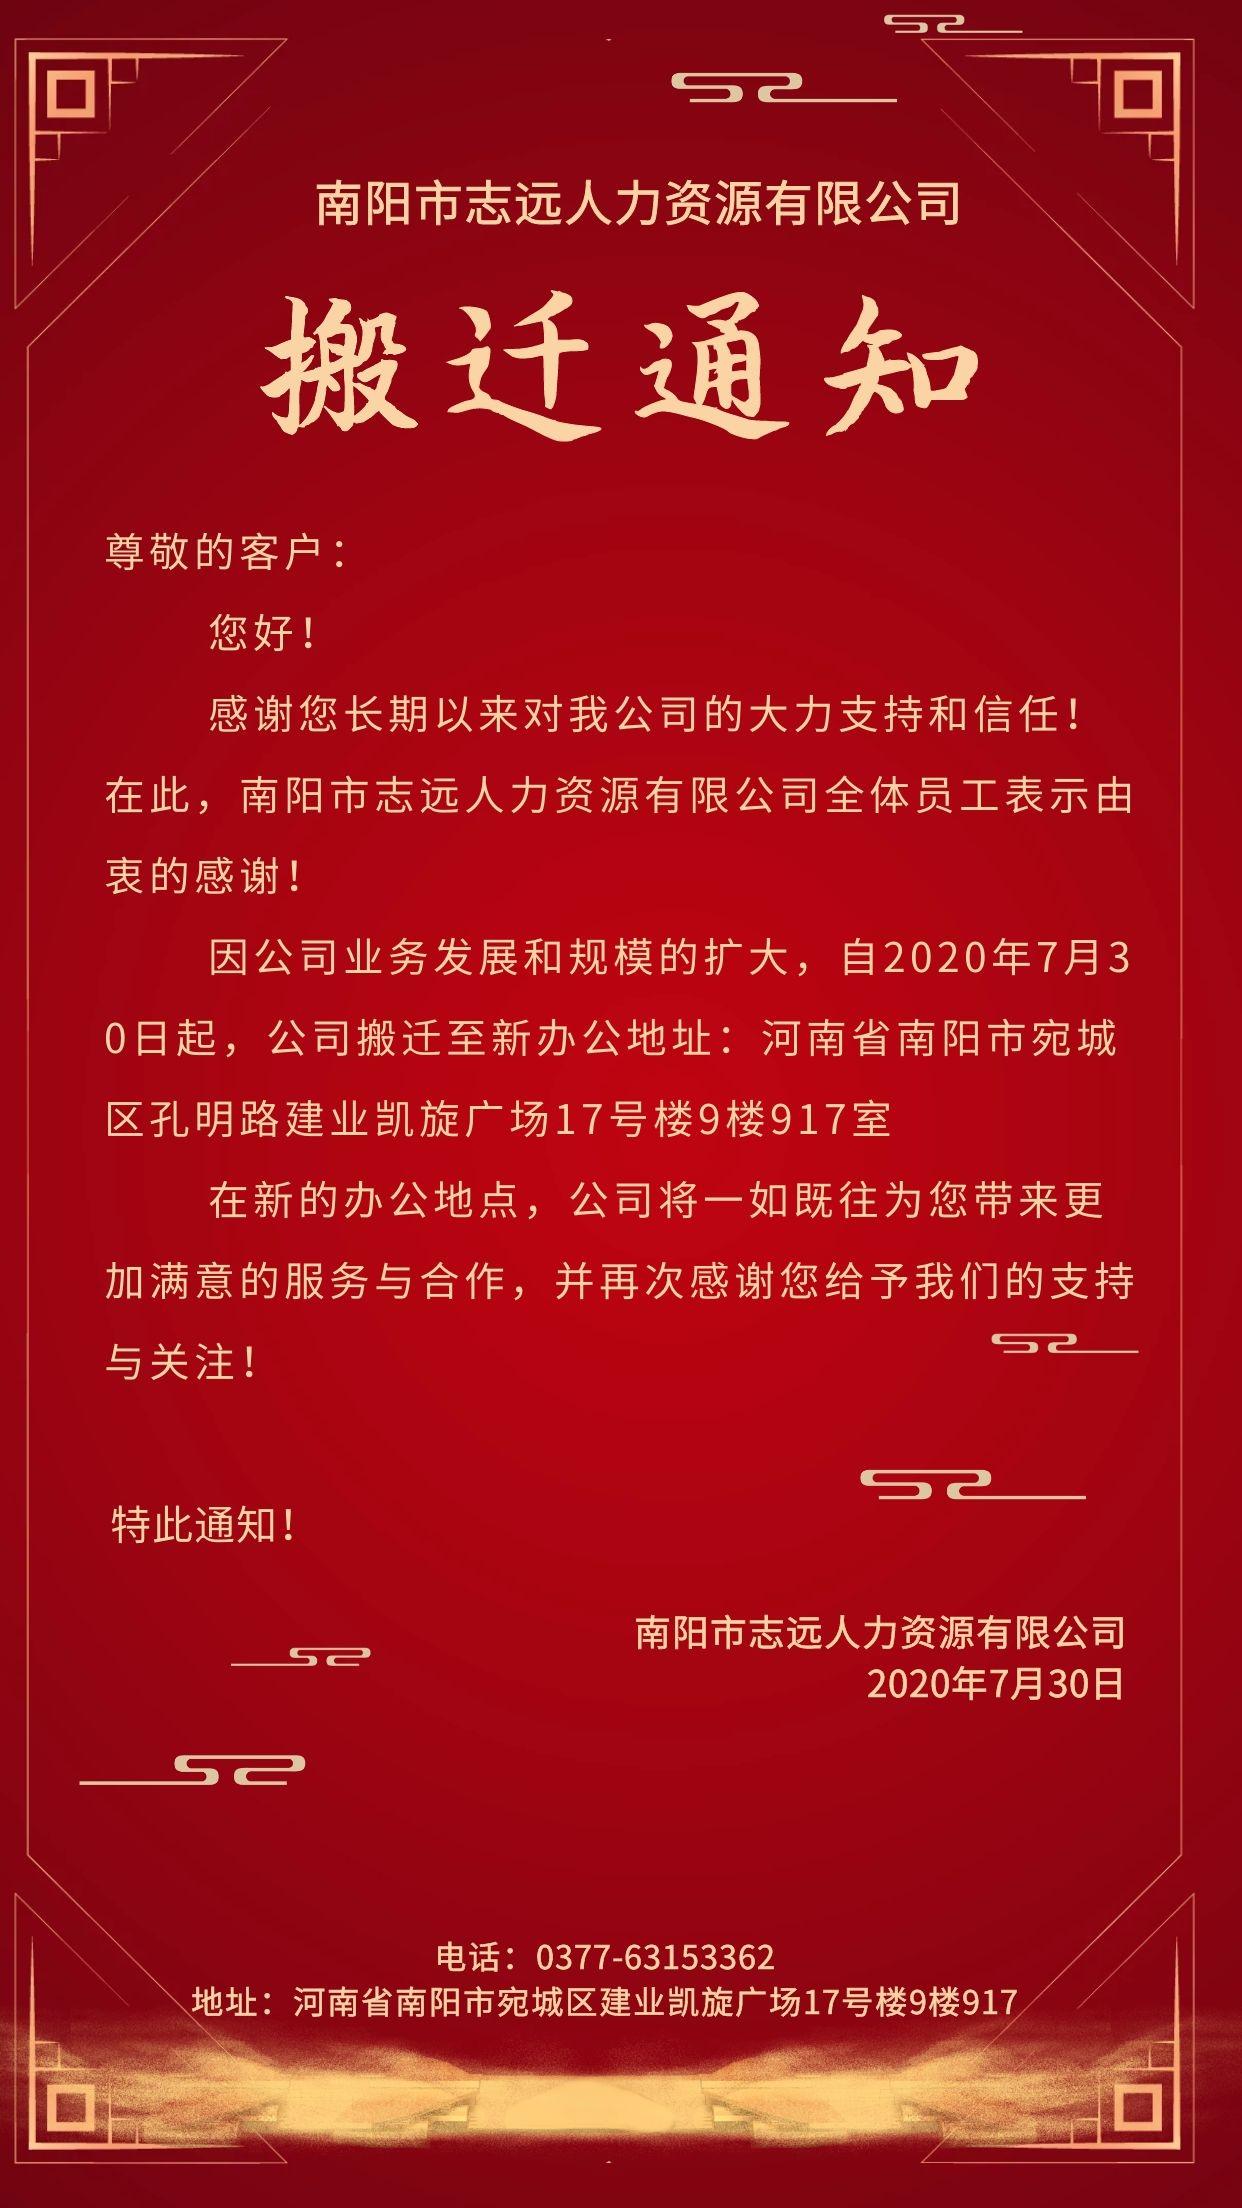 南陽市志遠人力資源有限公司